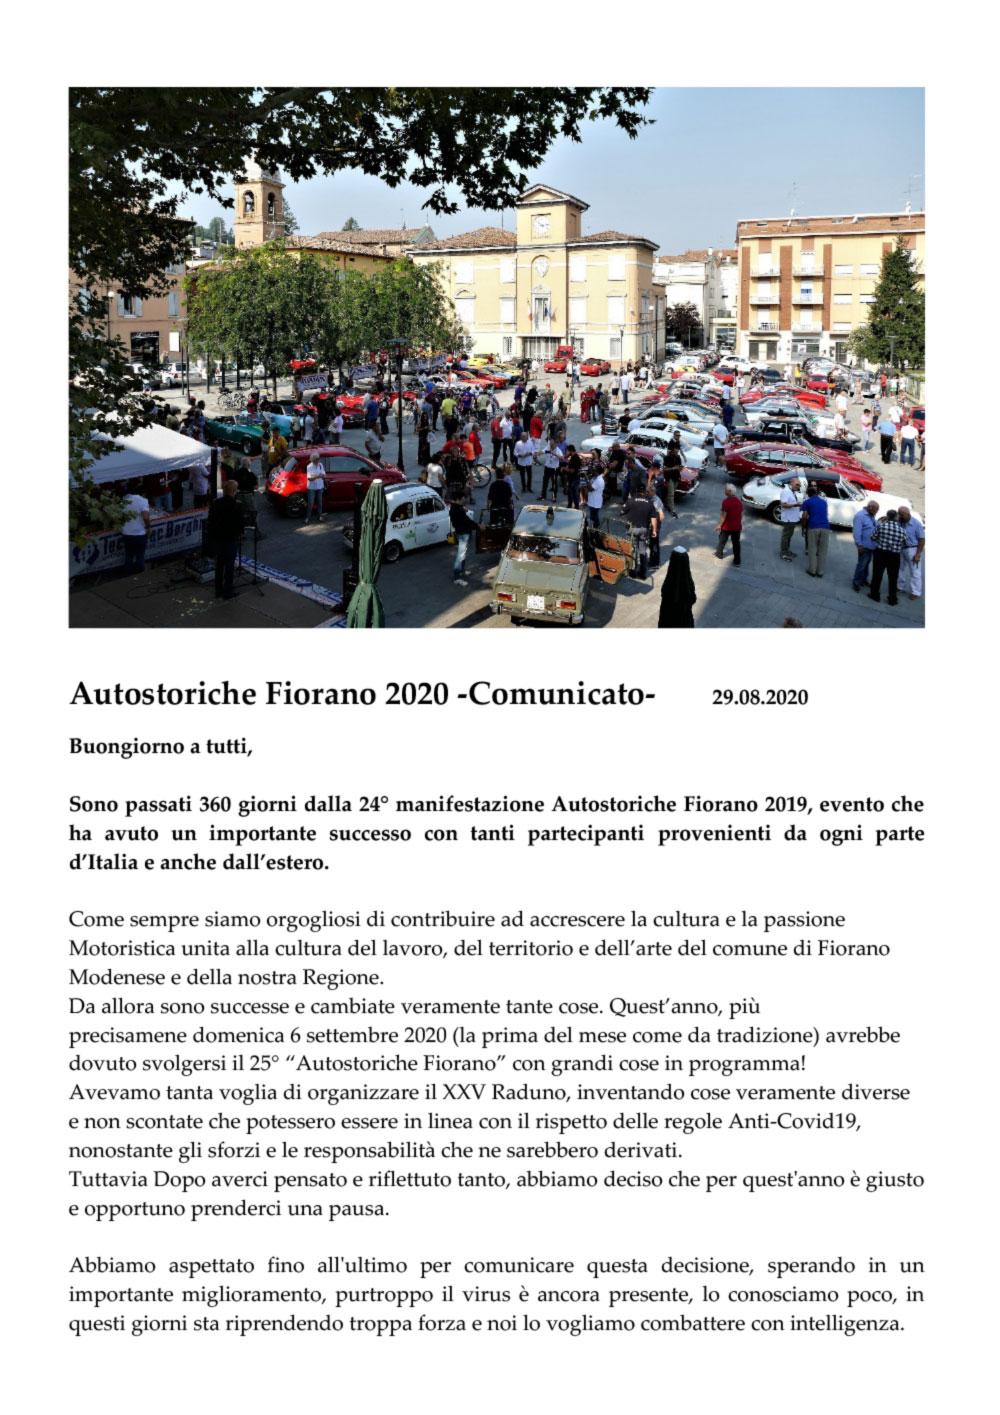 COMUNICATO Raduno Autostoriche Fiorano 2020